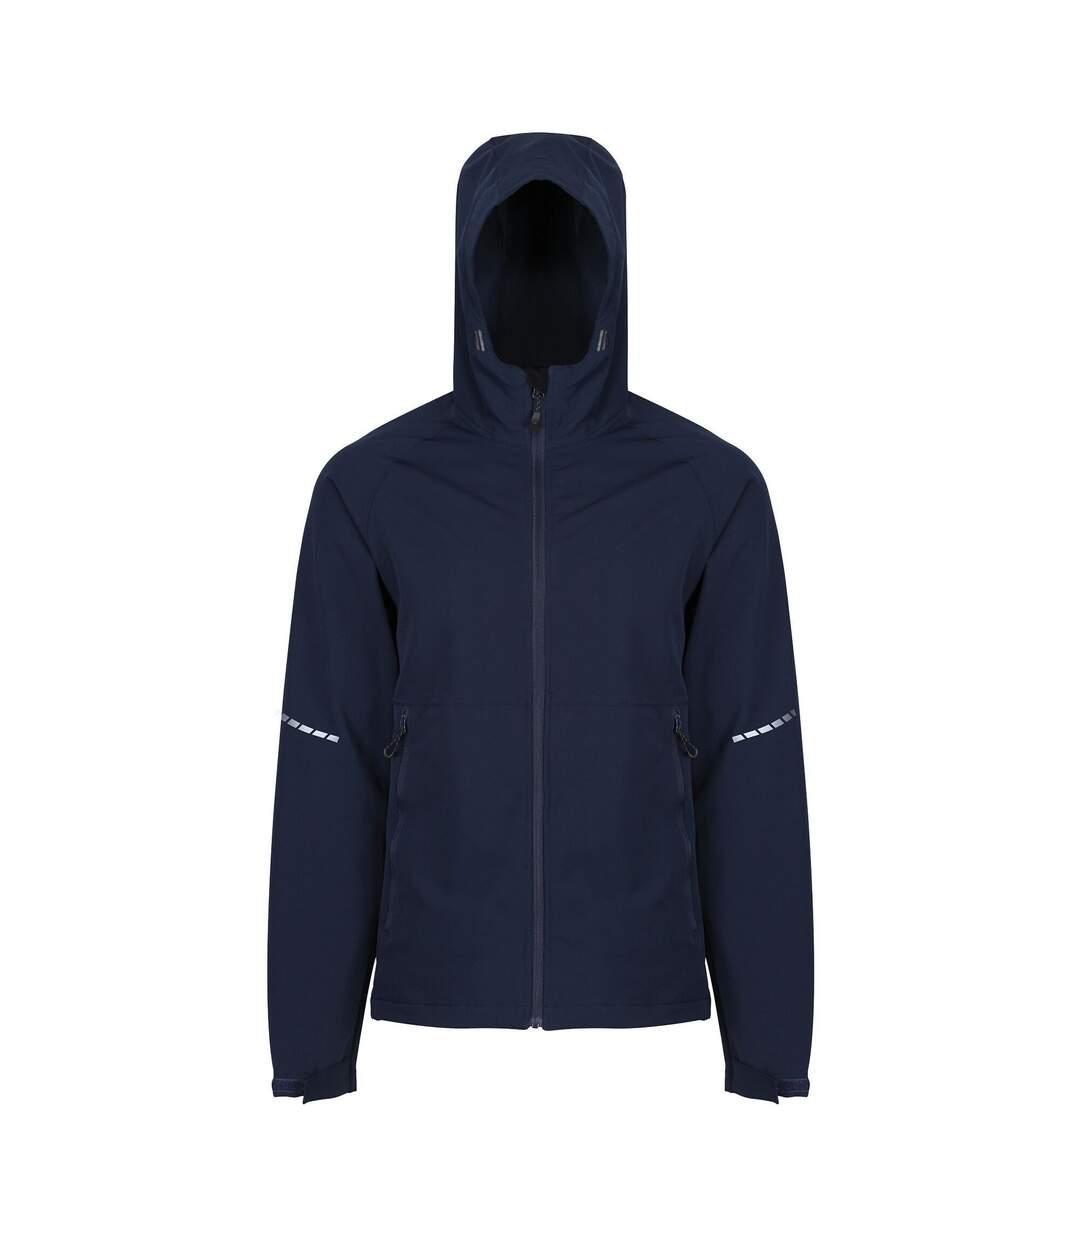 Regatta Mens X-Pro Prolite Stretch Soft Shell Jacket (Navy) - UTRG5788